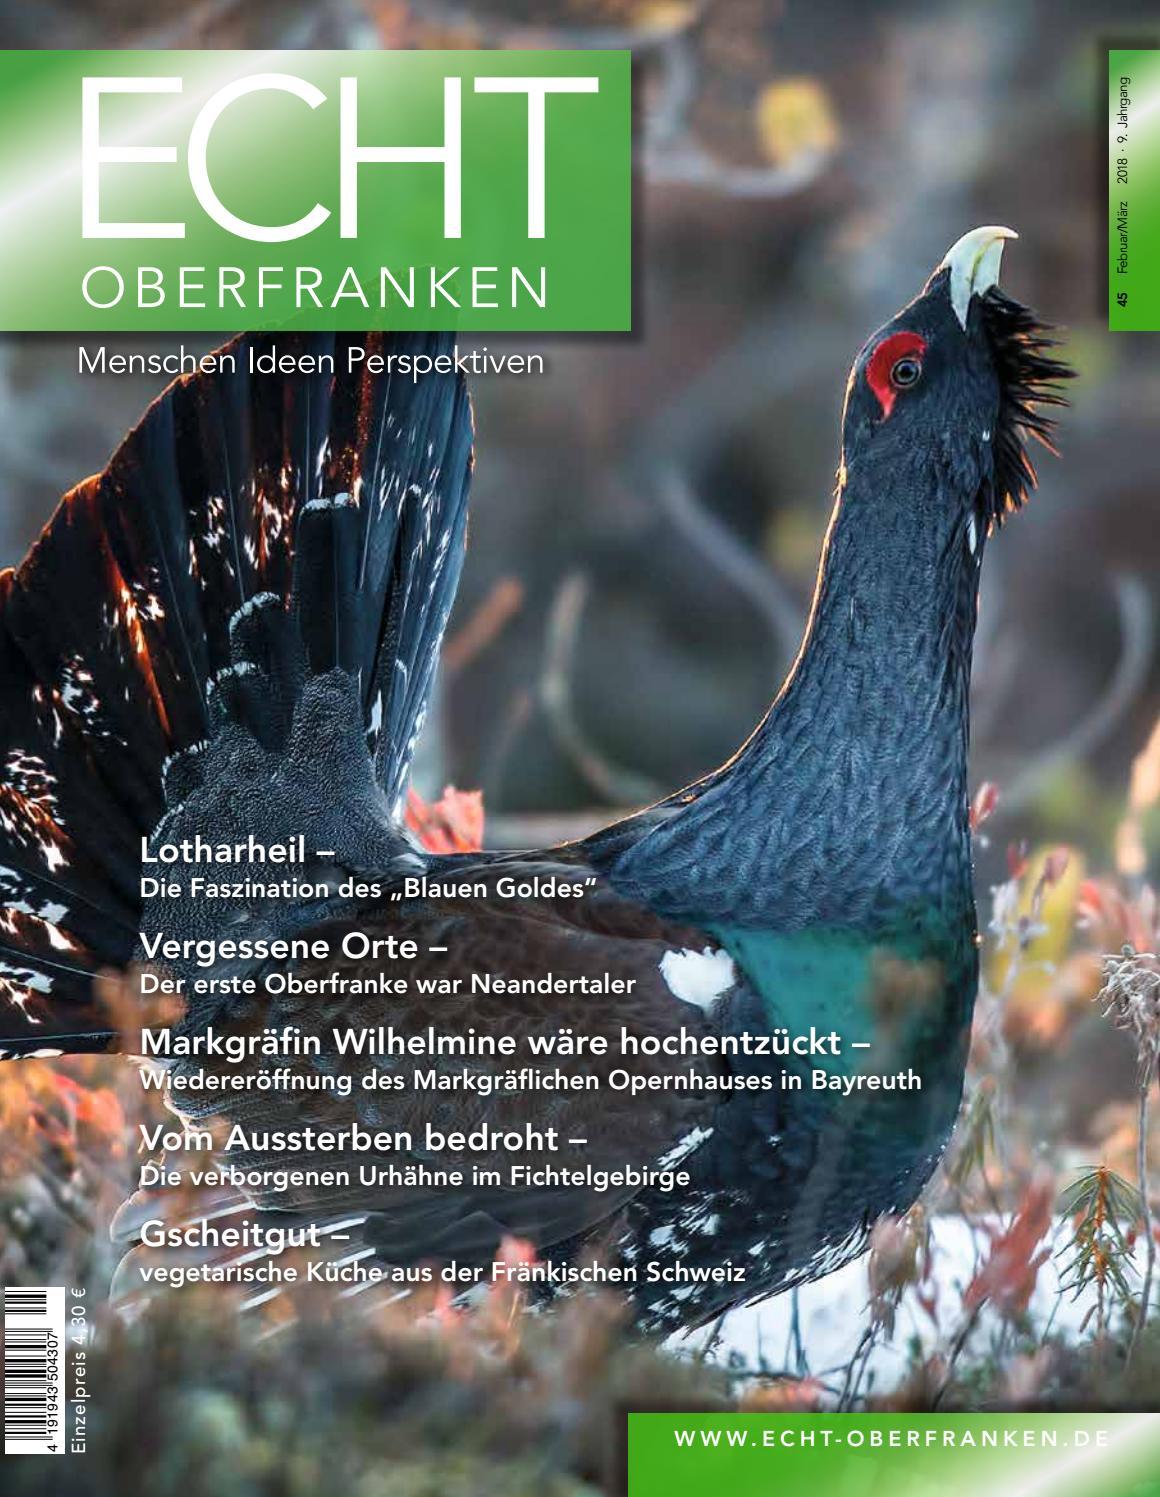 ECHT Oberfranken - Ausgabe 45 by Kober Verlag und Marketing - issuu